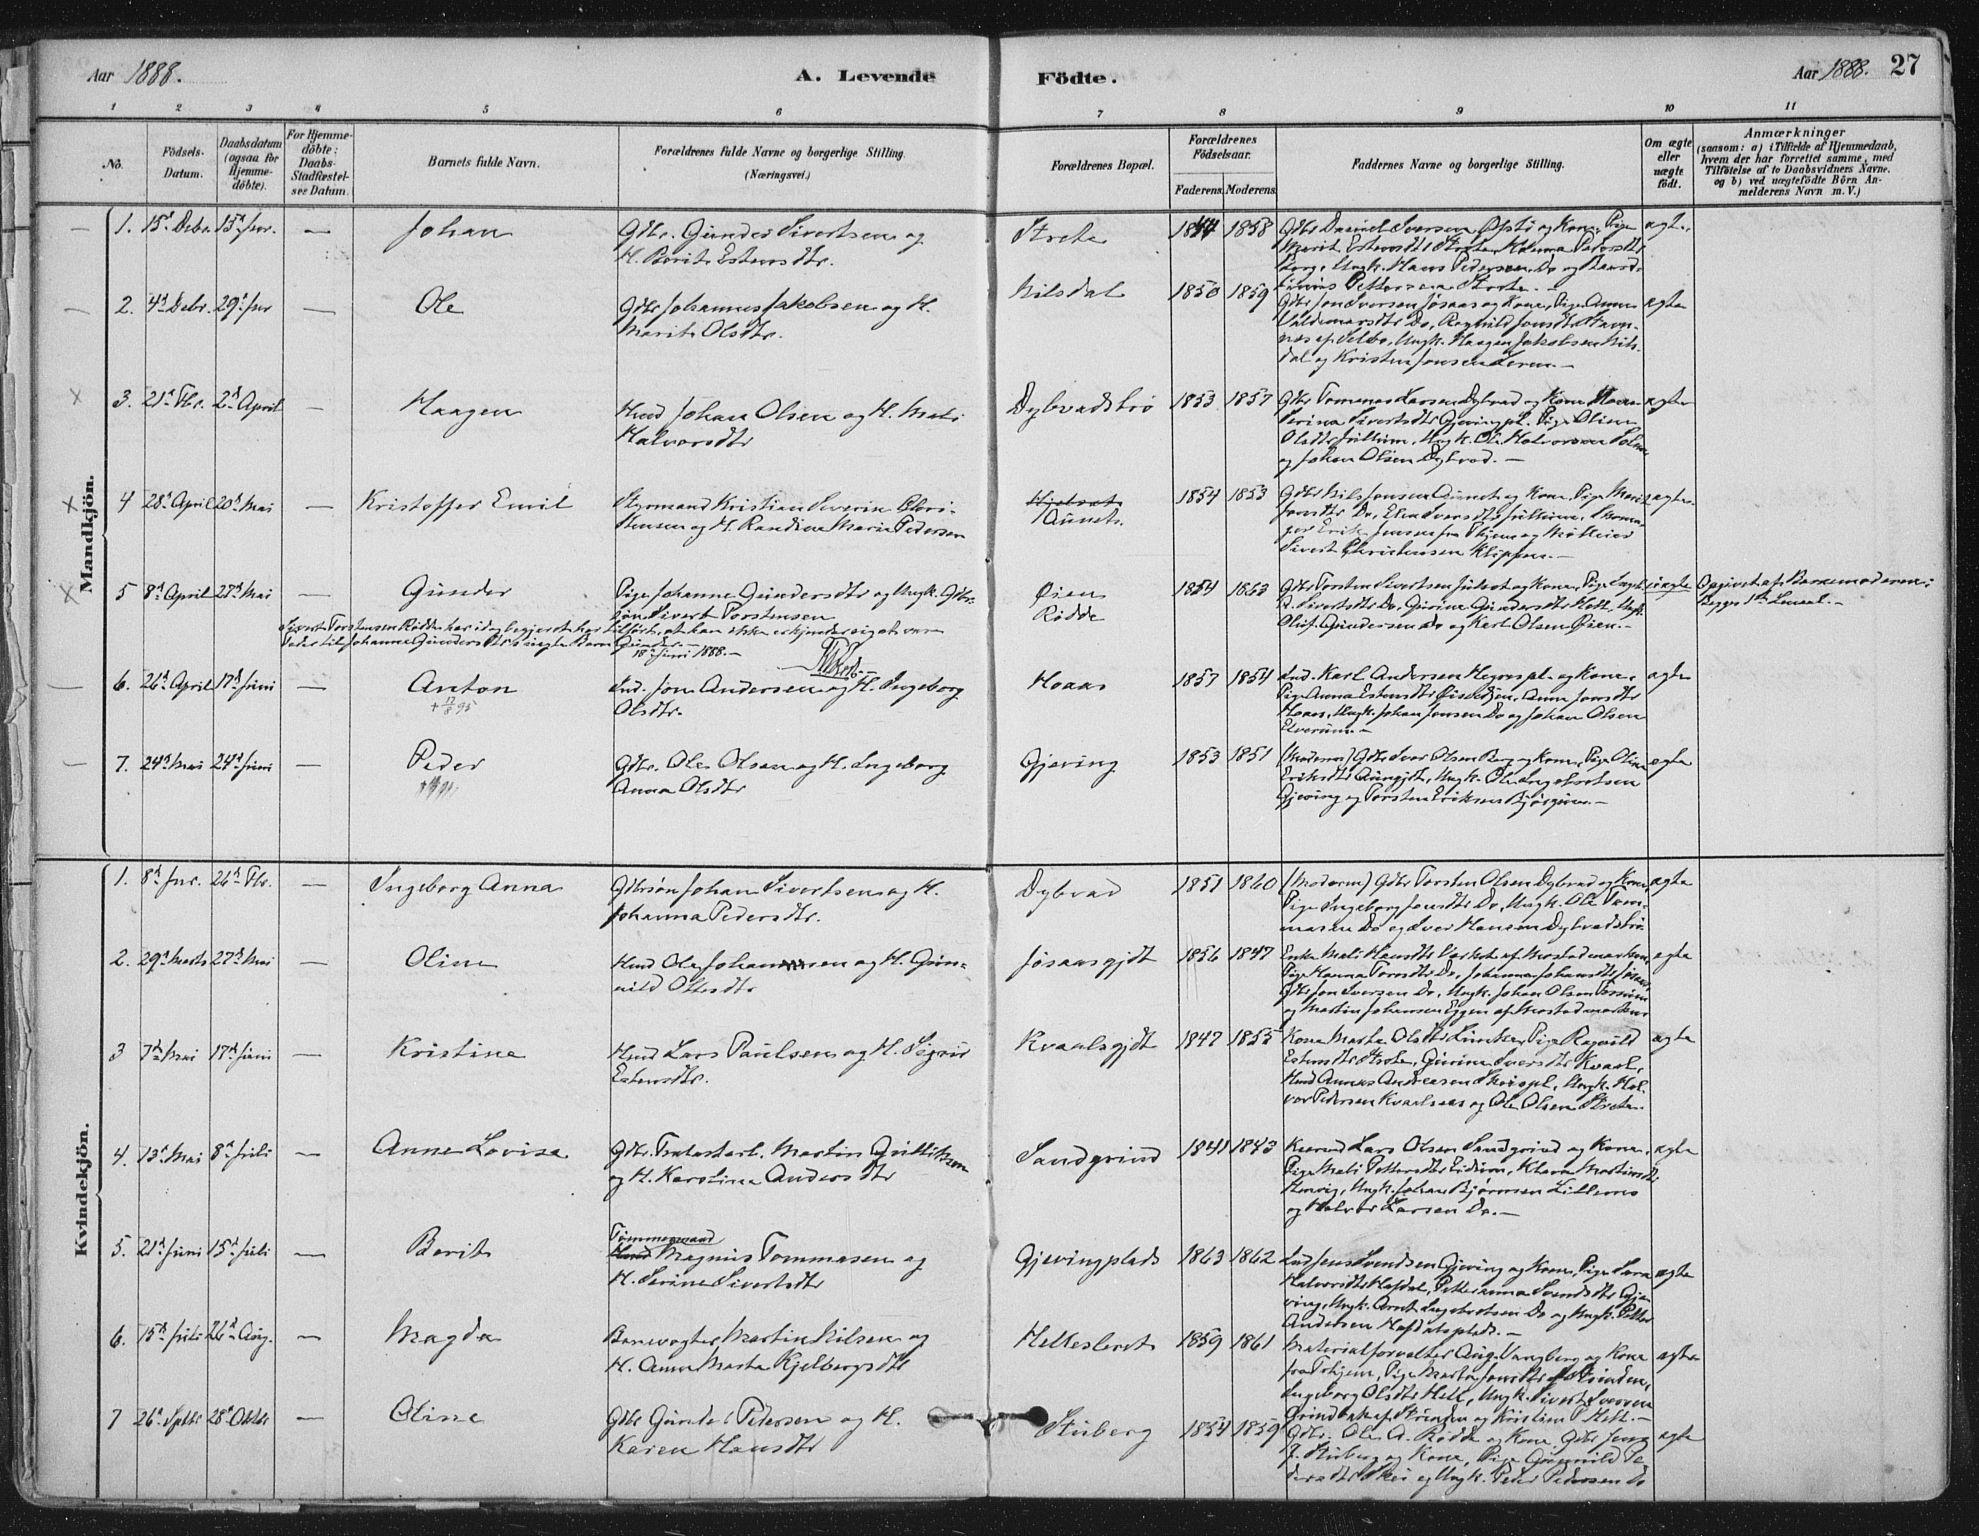 SAT, Ministerialprotokoller, klokkerbøker og fødselsregistre - Nord-Trøndelag, 710/L0095: Ministerialbok nr. 710A01, 1880-1914, s. 27